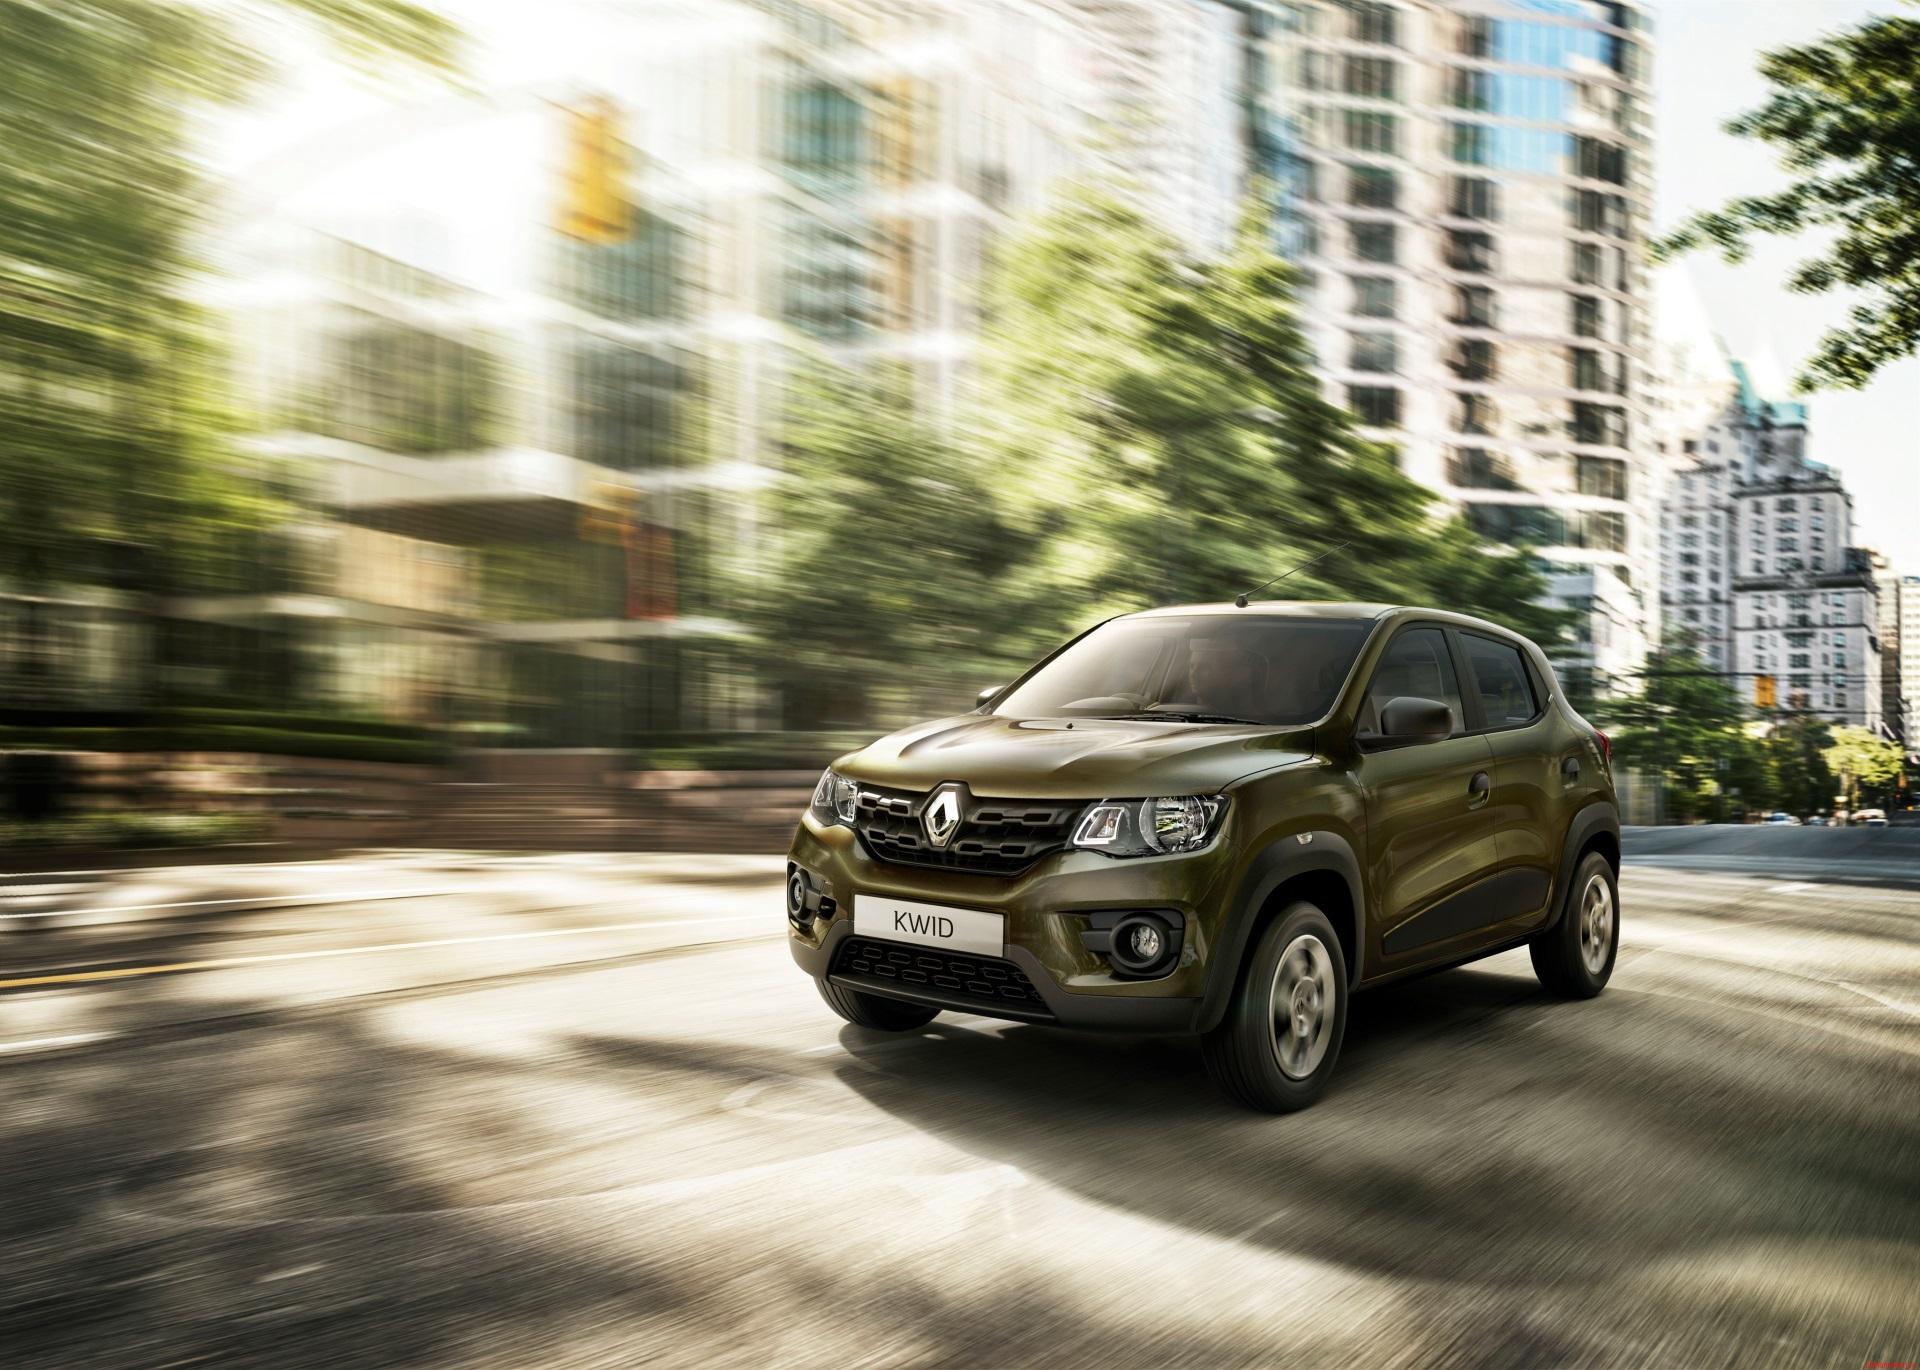 Renault готовит бюджетный Kwid с двигателем увеличенного объёма